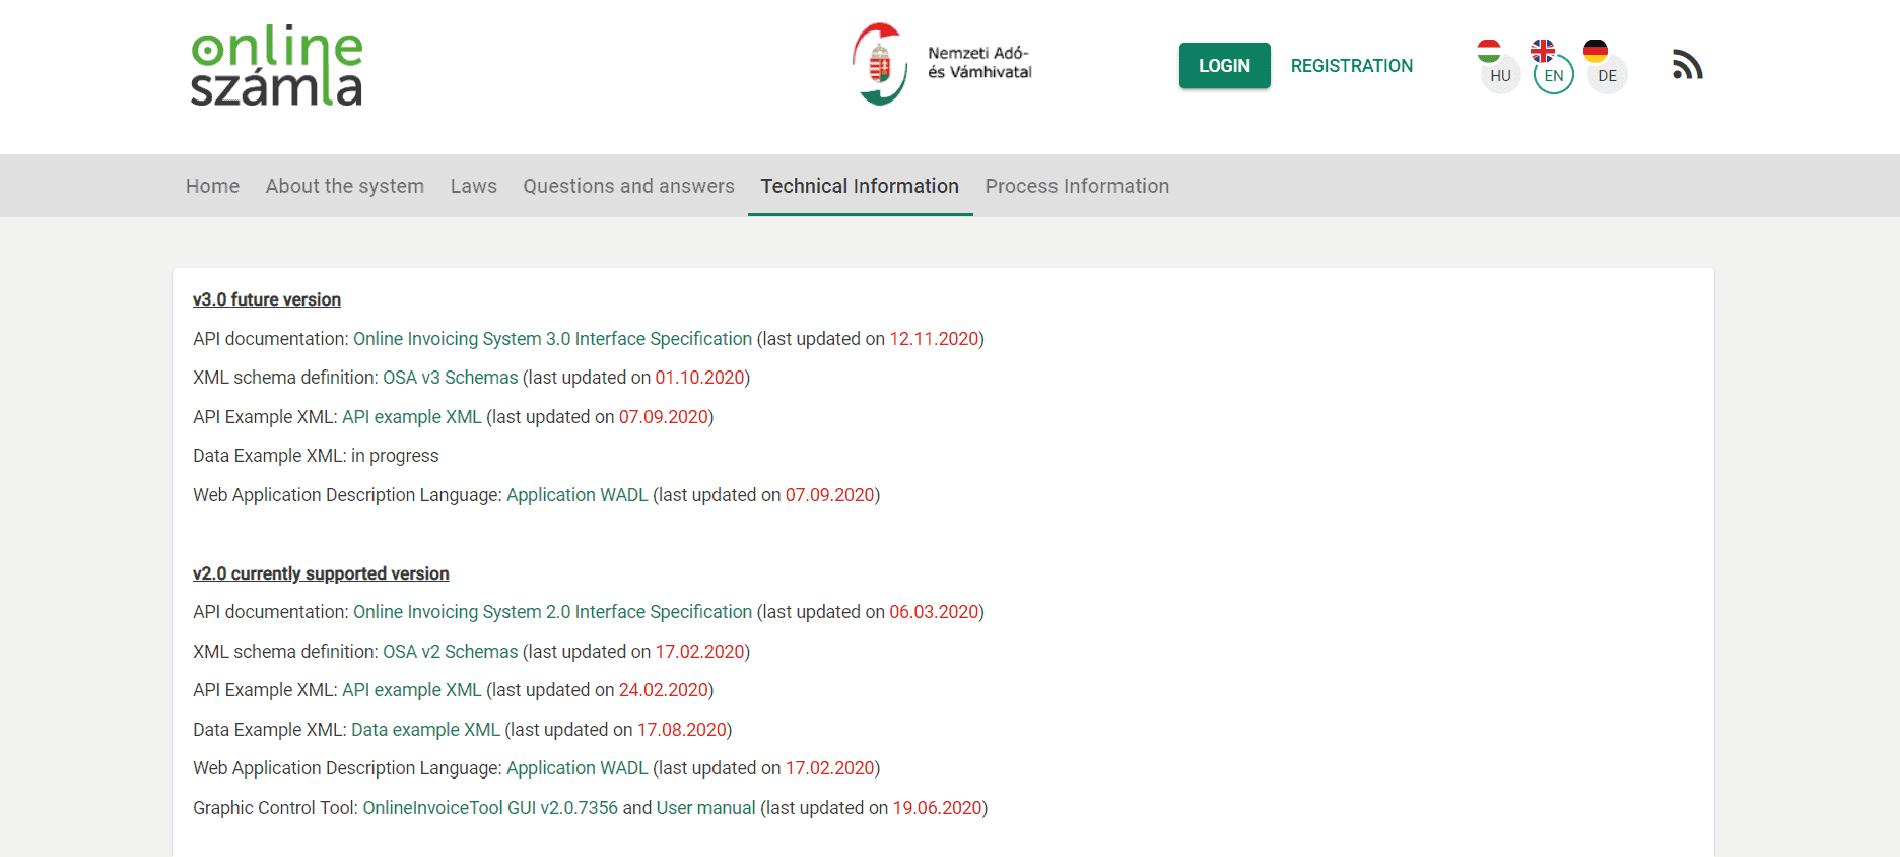 Website of the NAV system